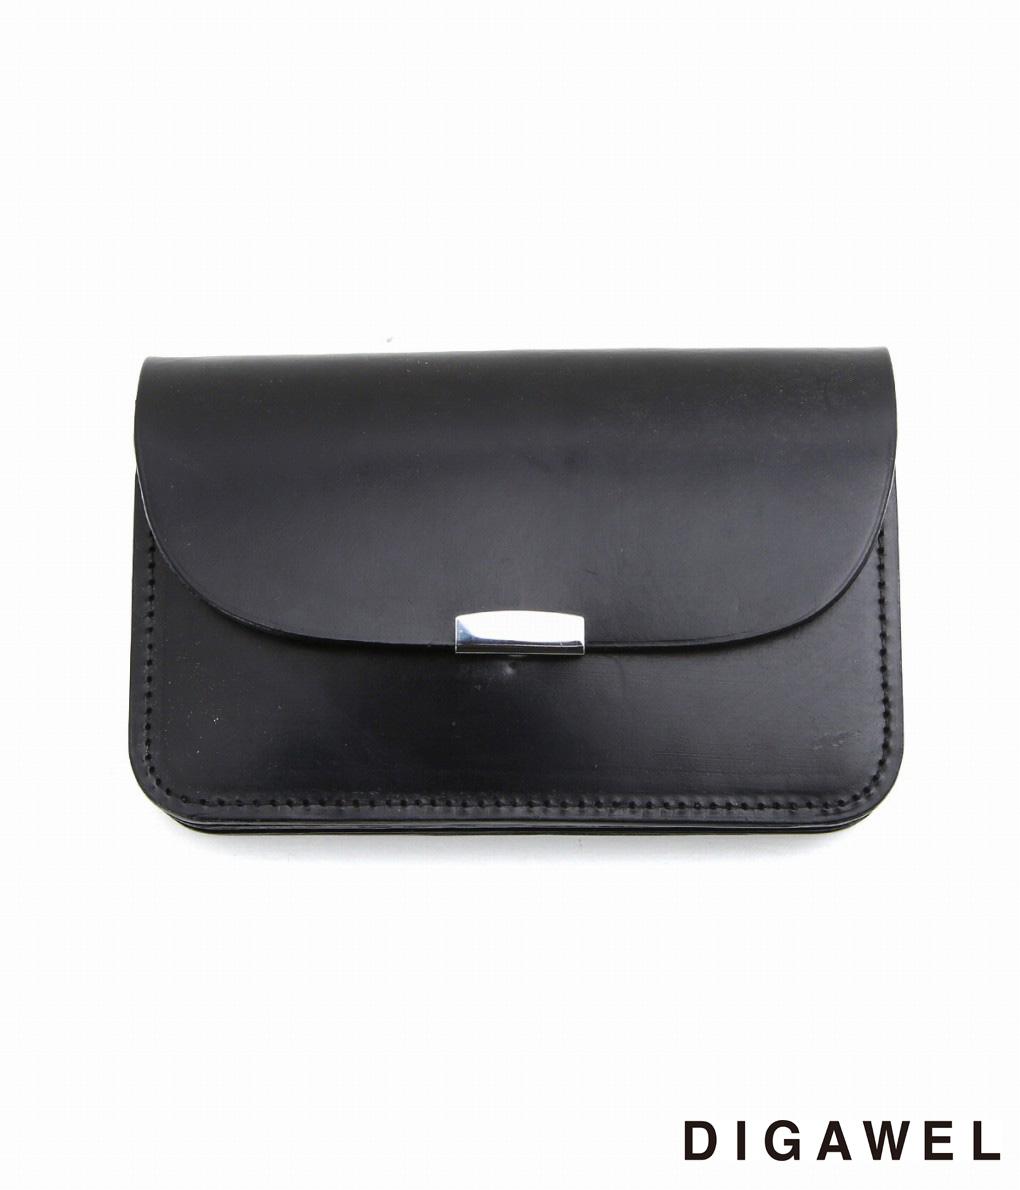 DIGAWEL / ディガウェル : GARSON PURSE -Bridle leather- / 全4色 : ギャルソン パース ブライドルレザー 財布 ウォレット メンズ : DWZ0Z003 【COR】